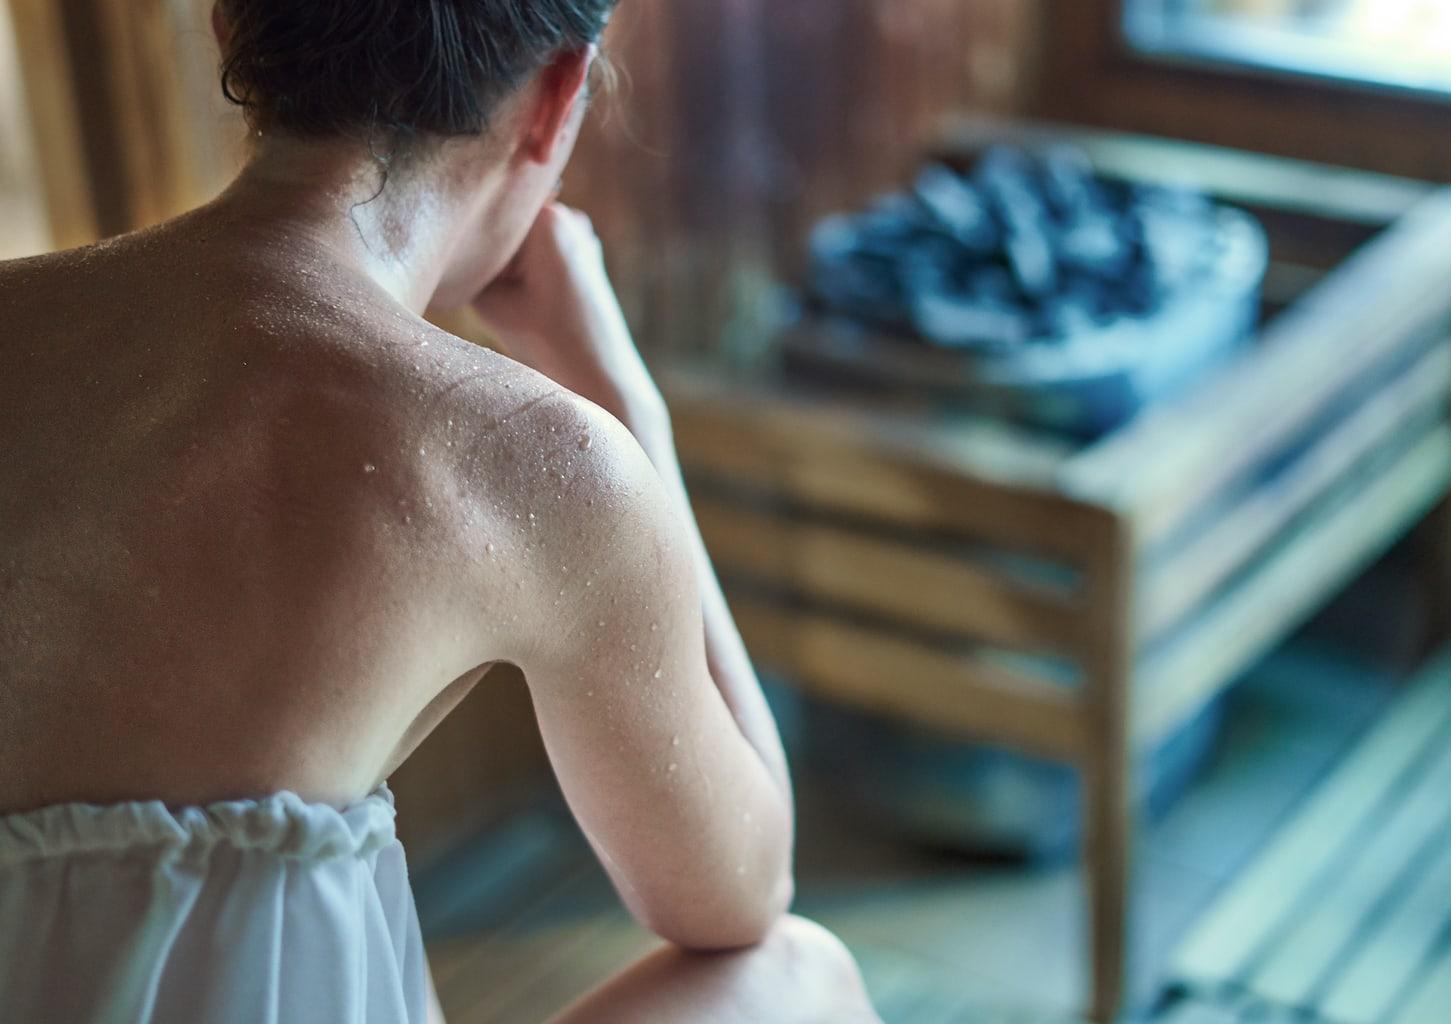 Een vrouw zweet in een Duitse sauna